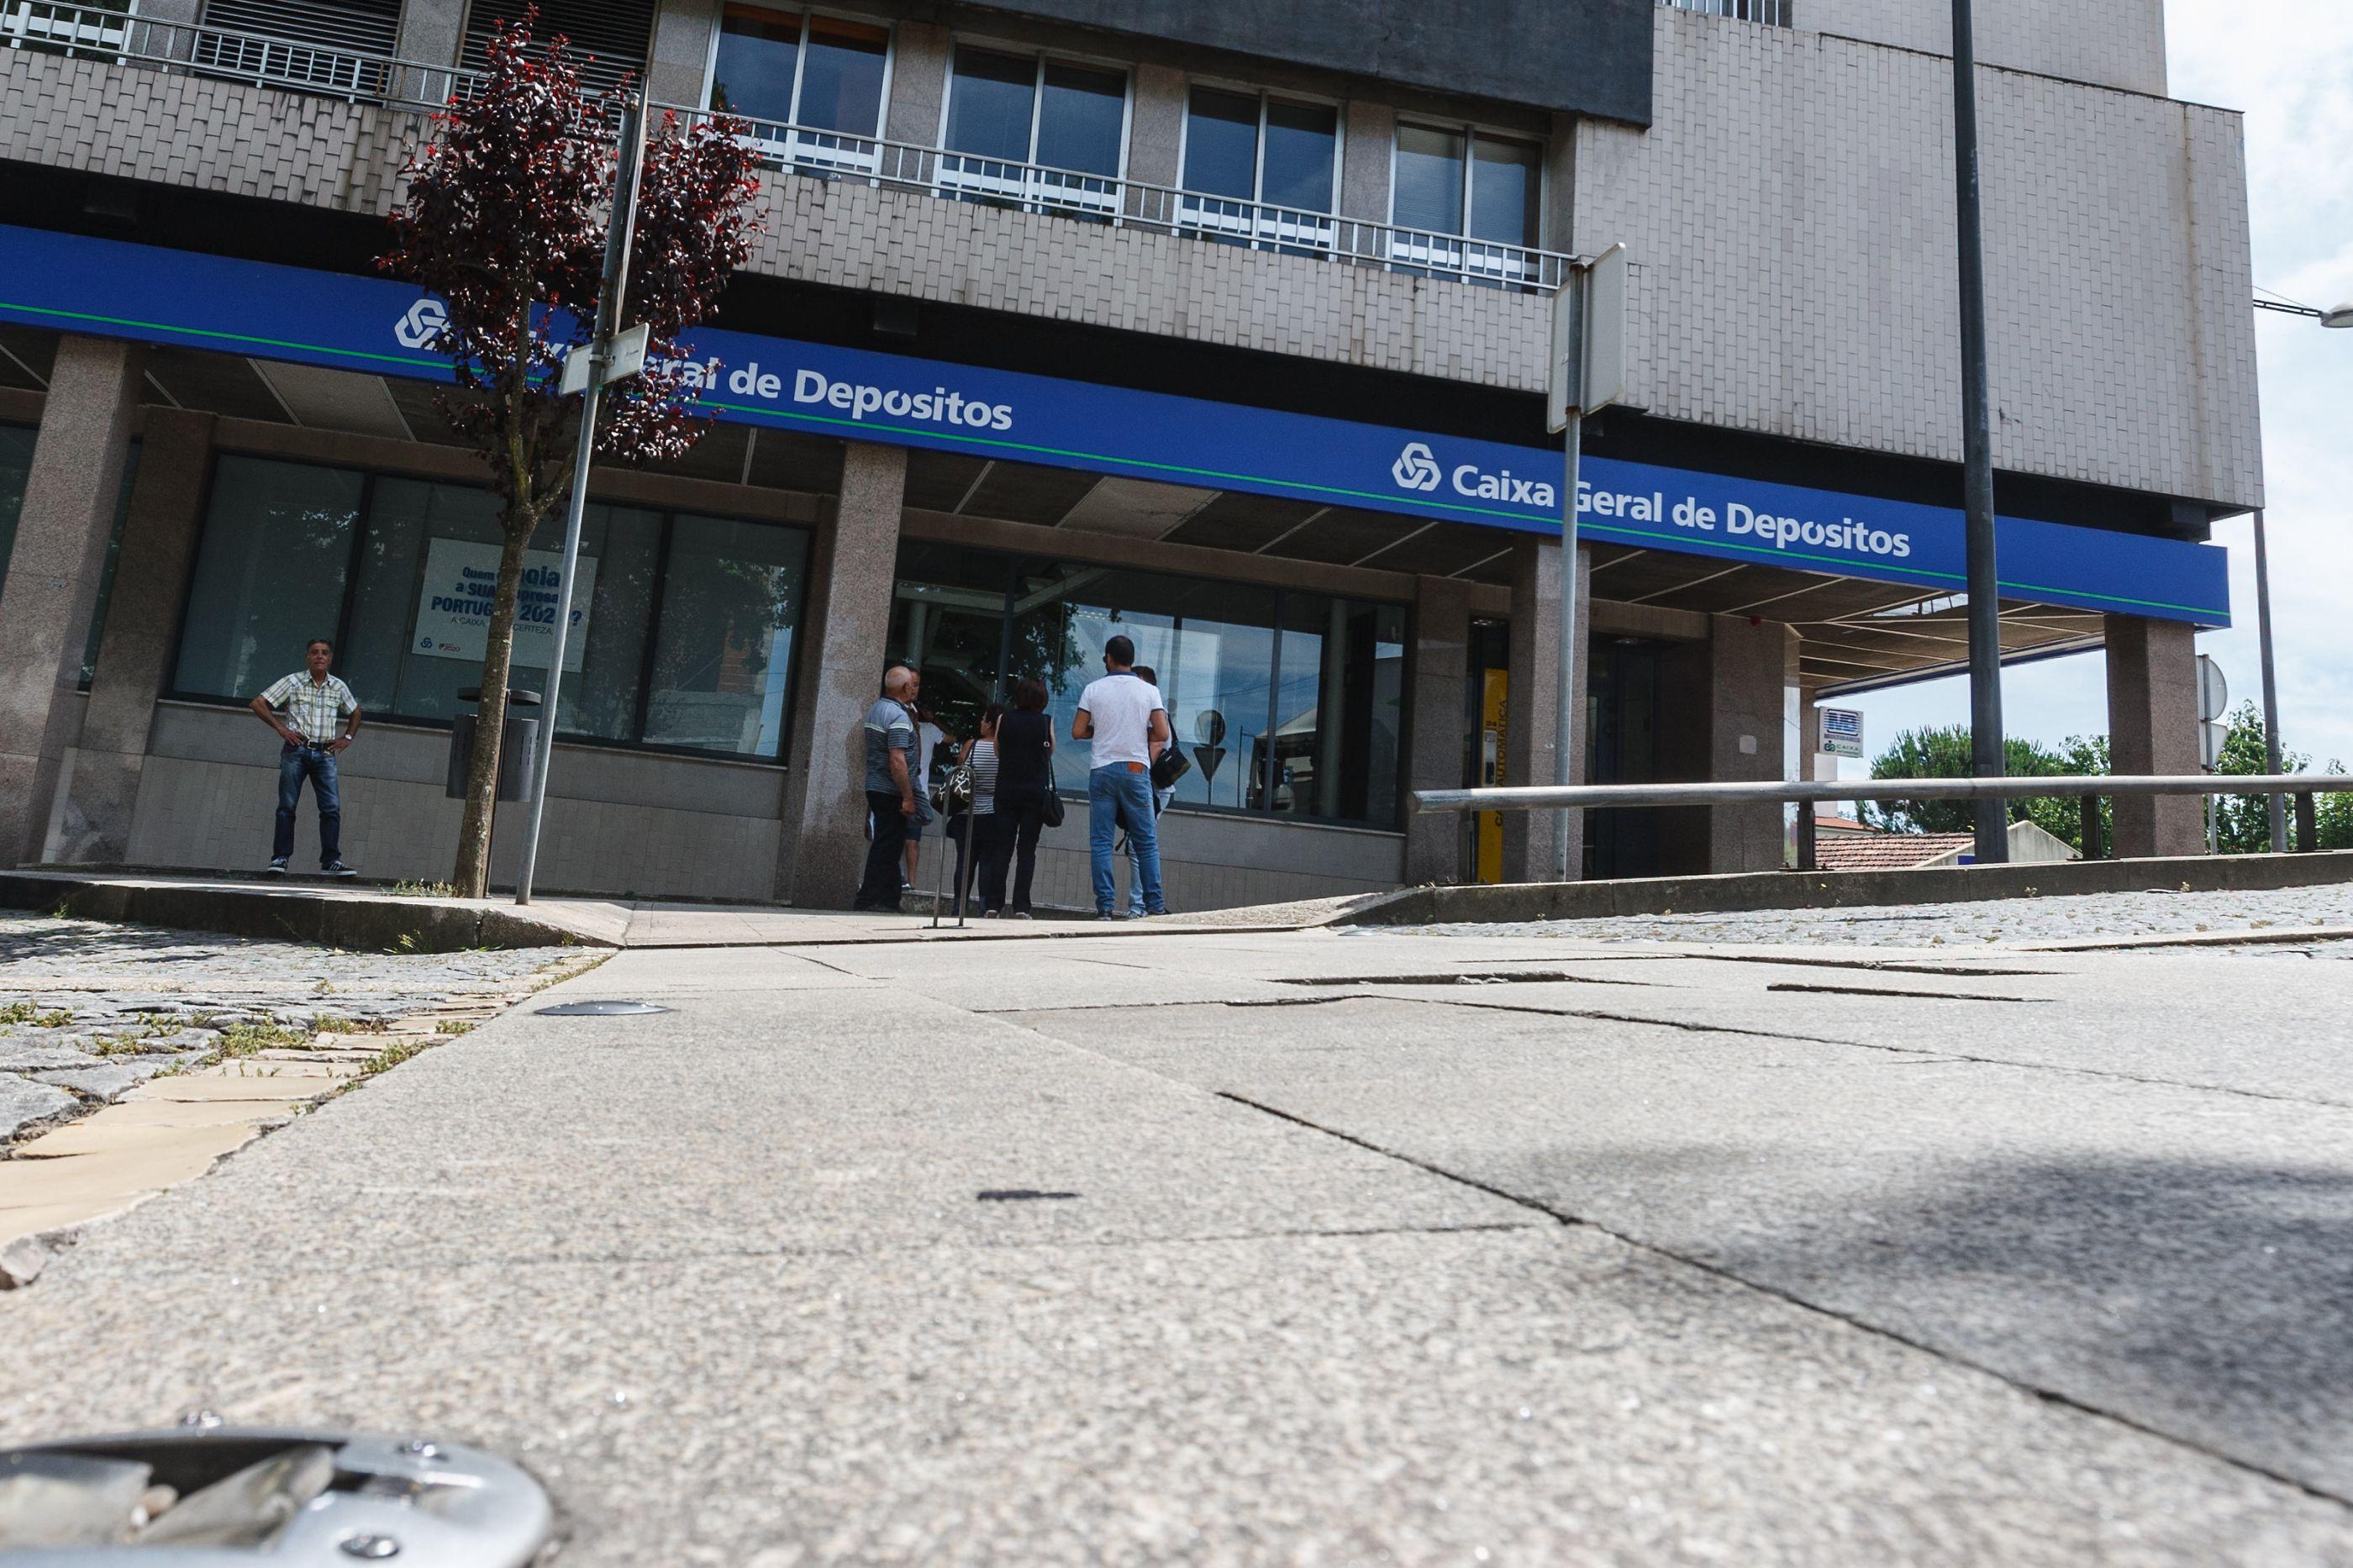 """Venda de seguradoras da CGD teve """"deficiências"""" e não foi vantajosa"""